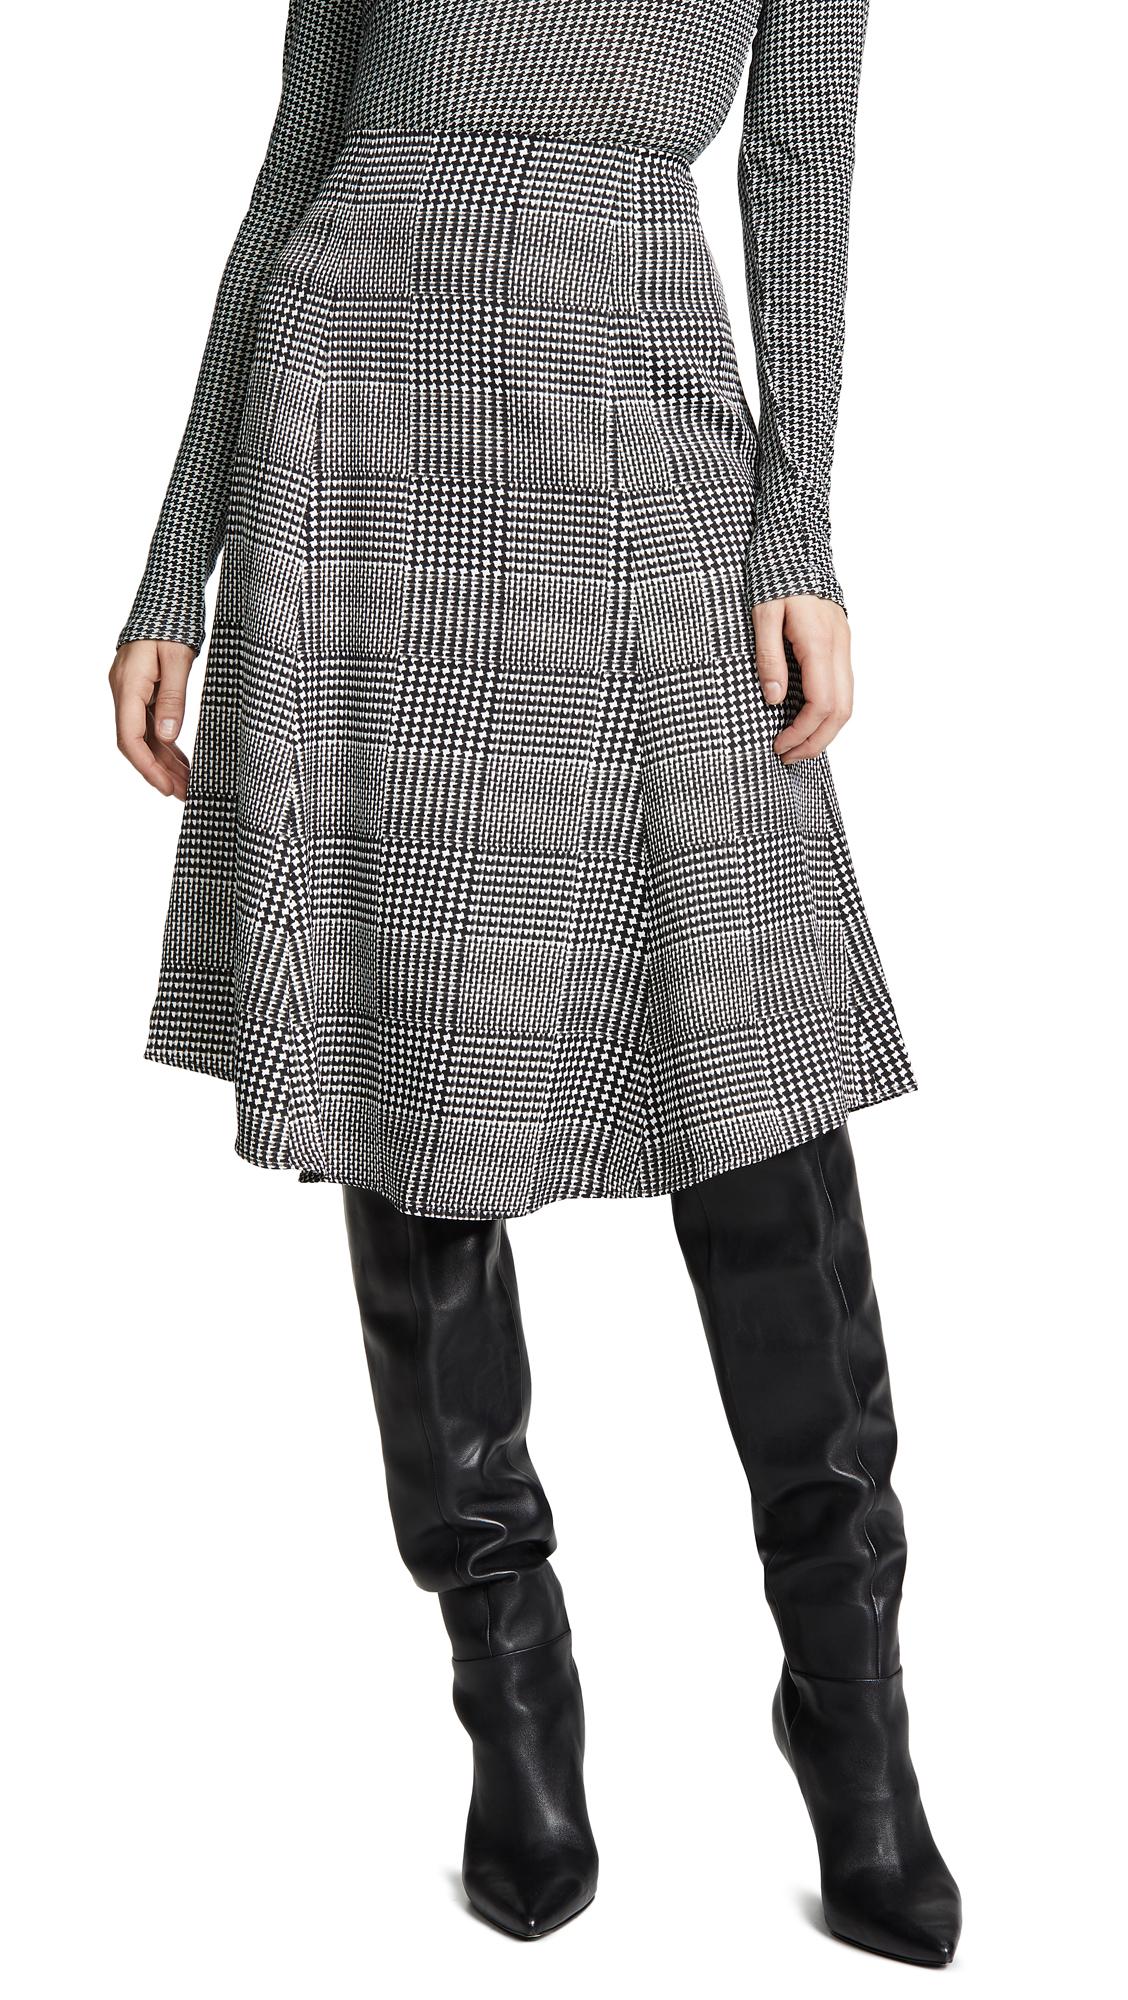 Club Monaco Rinty Skirt - Black Multi